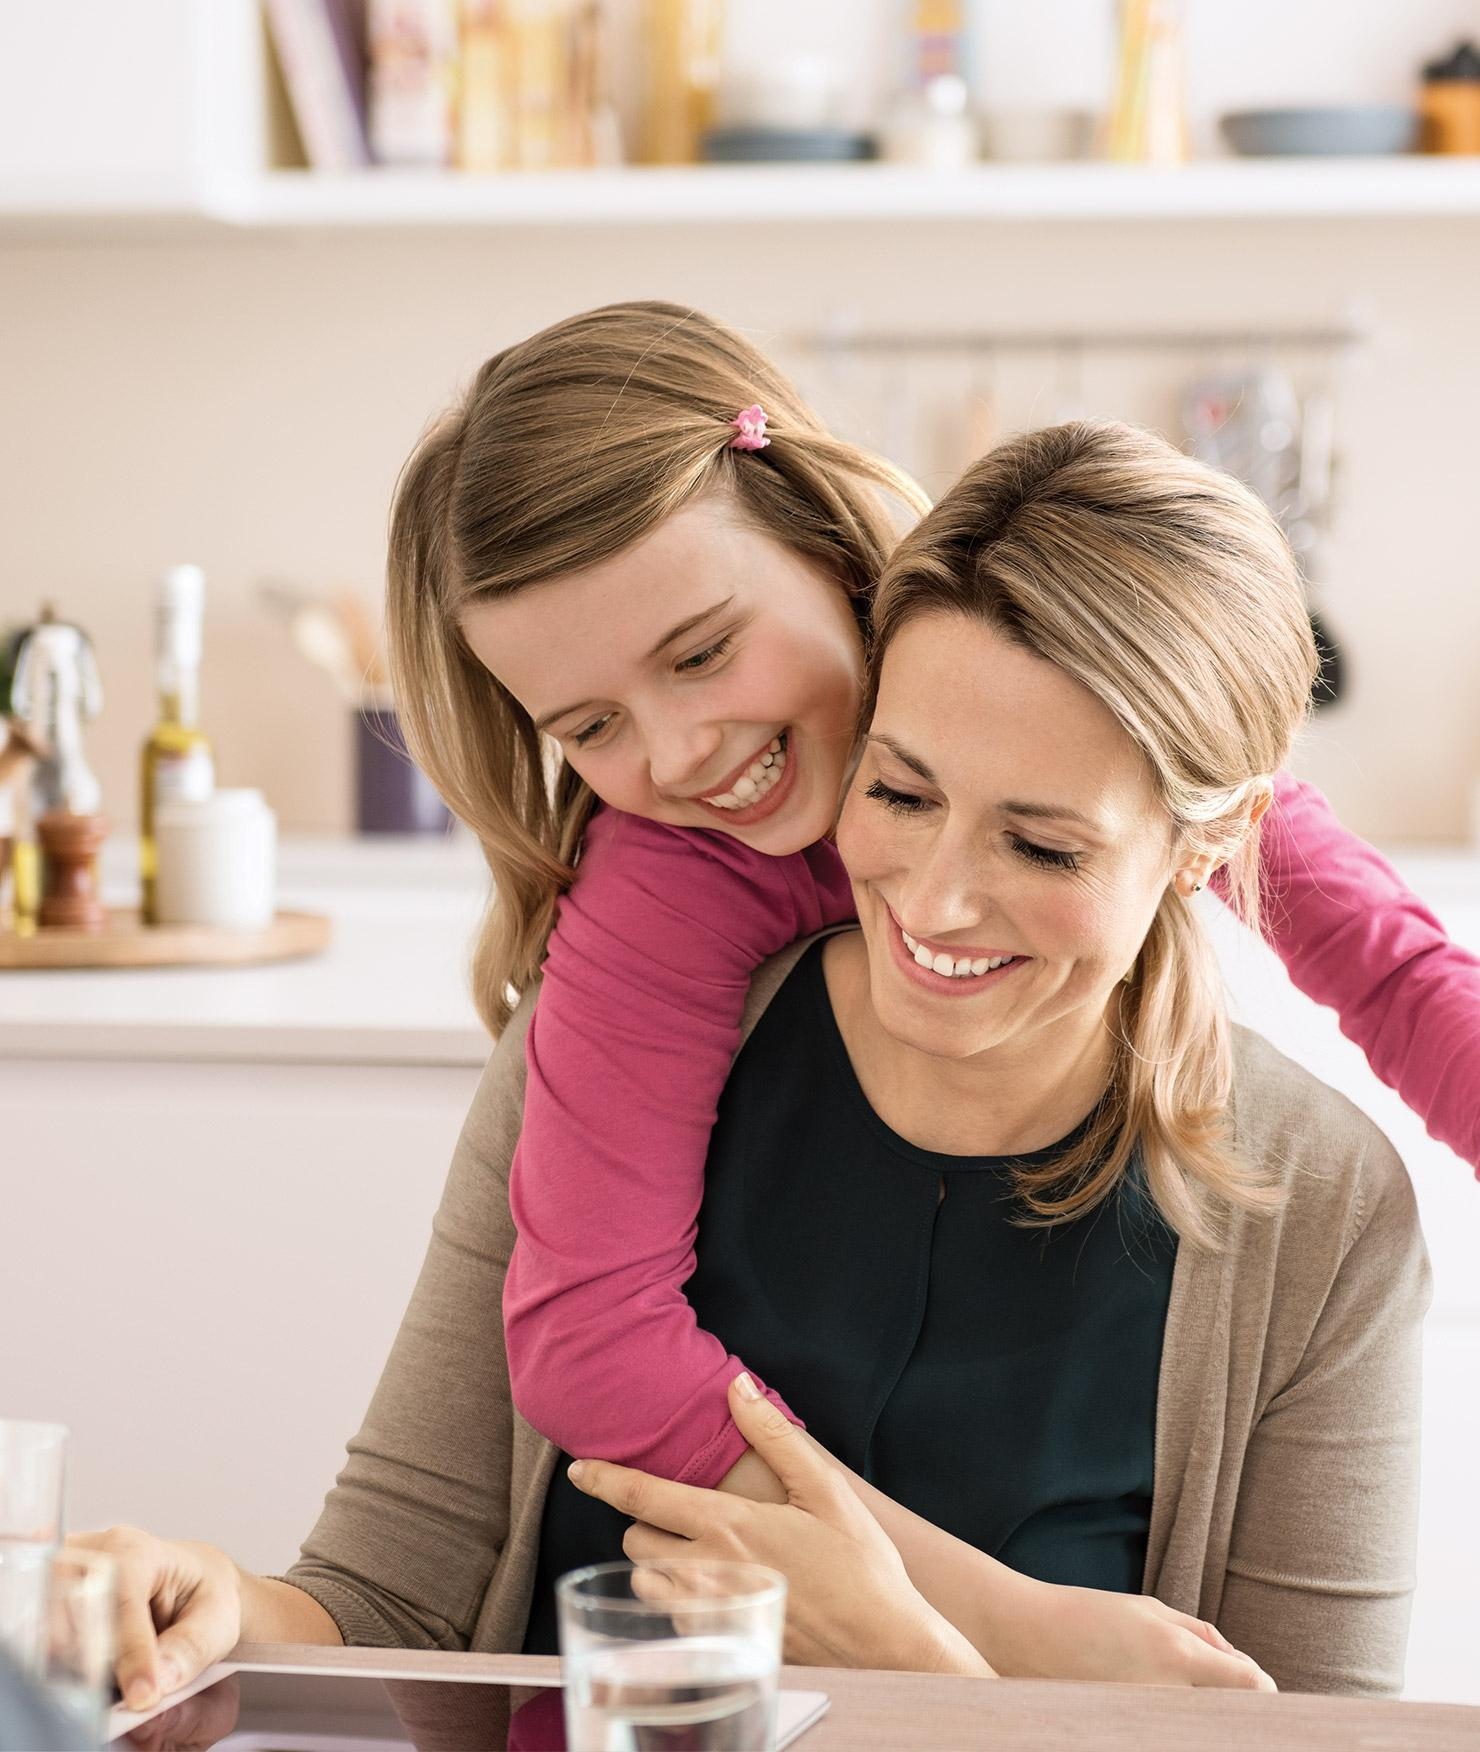 Una madre y una hija están felices en una cocina.